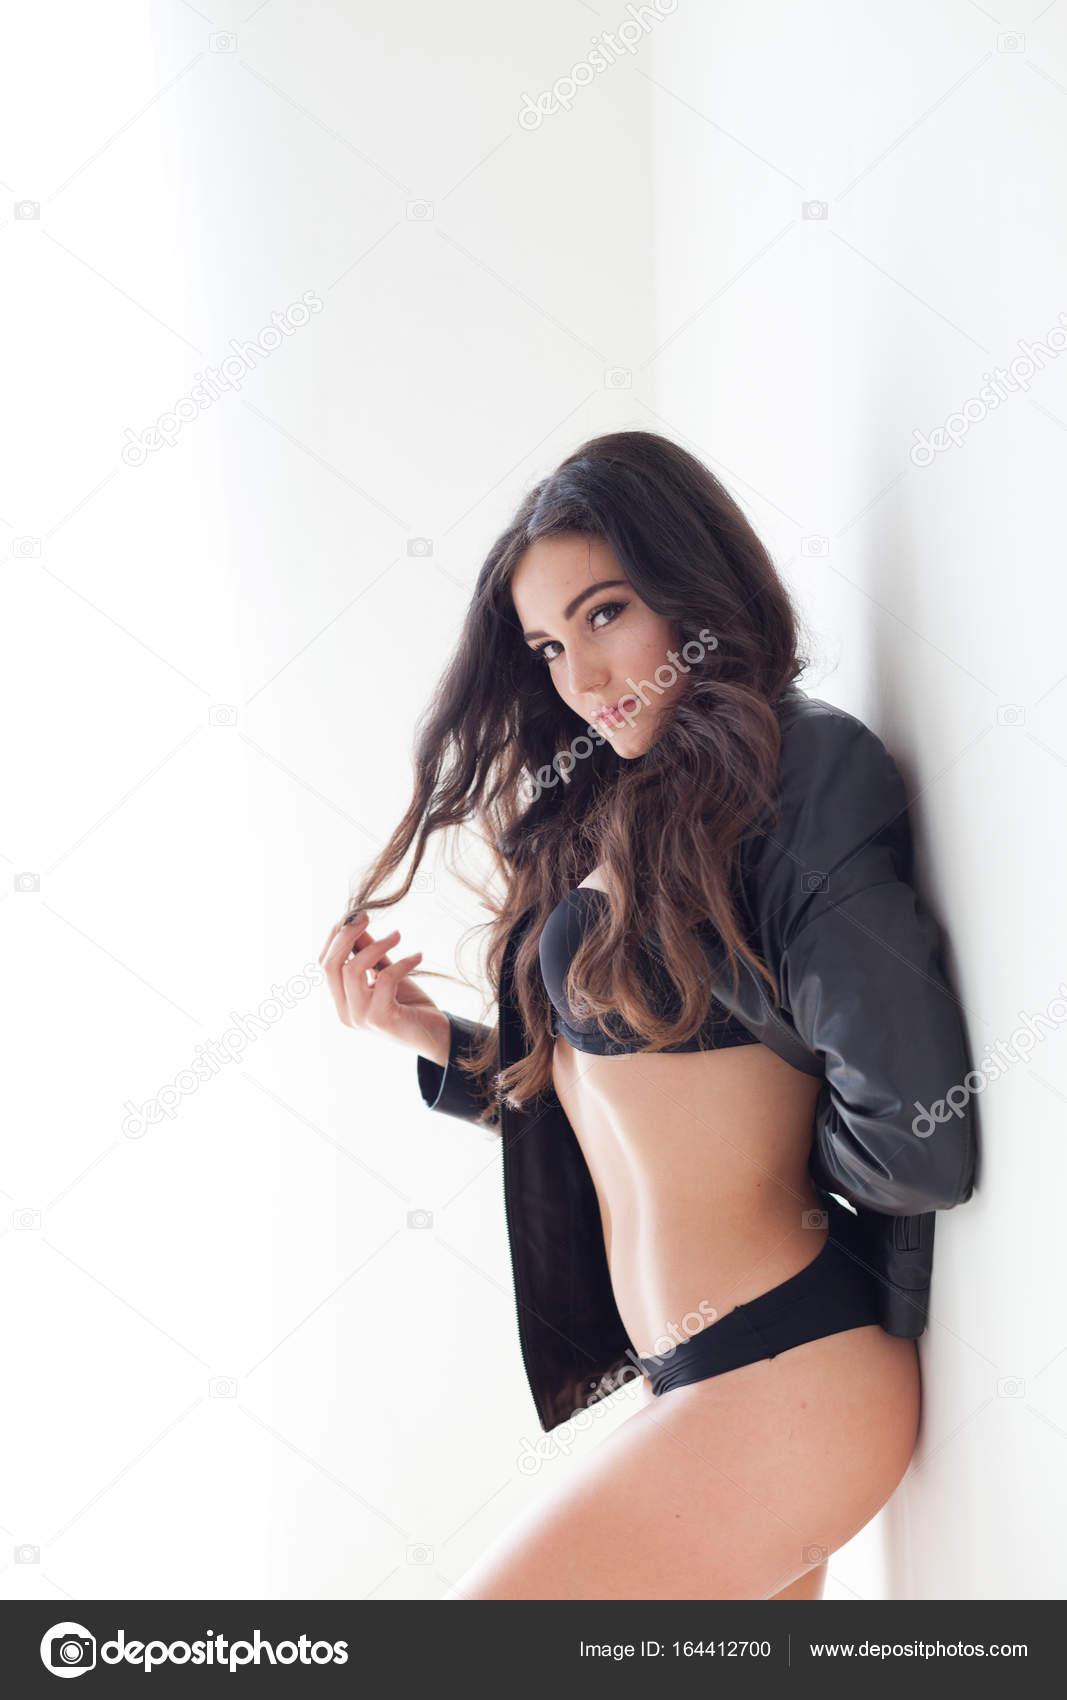 Девушки в кожаных куртках эротическое фото, эротические девушки секс видео в новый год